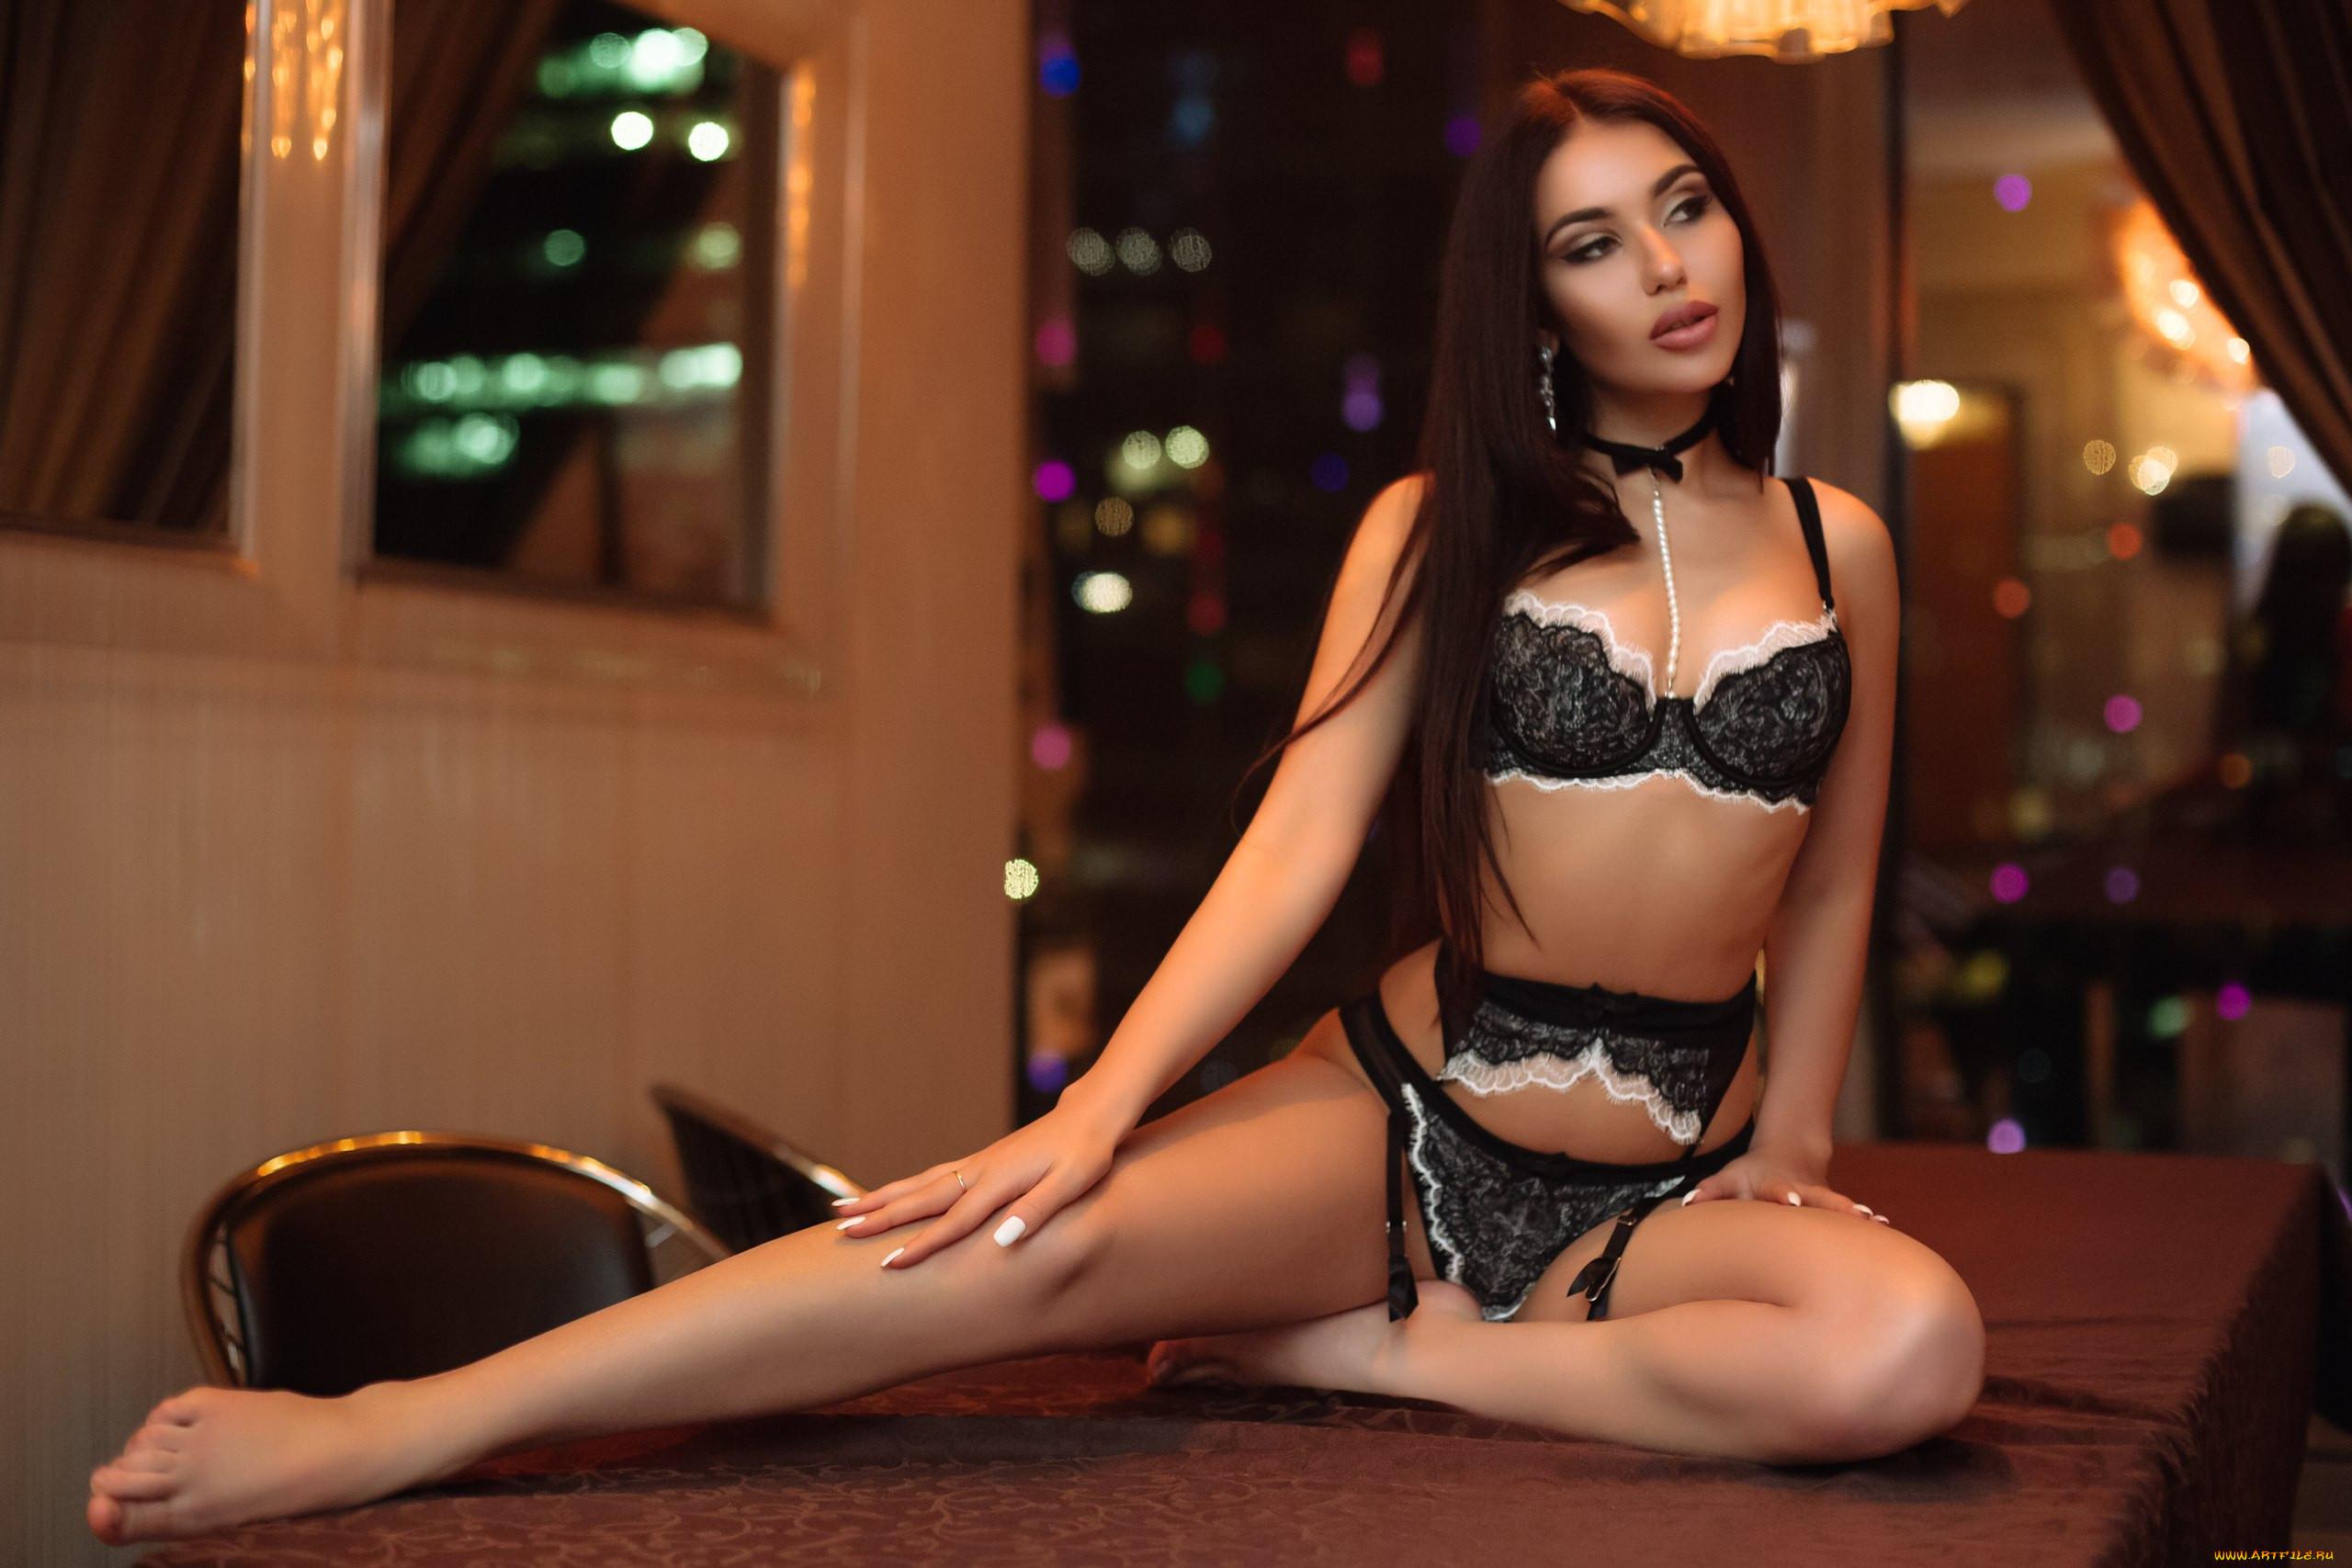 Индивидуалки костаная фото проституток одетых